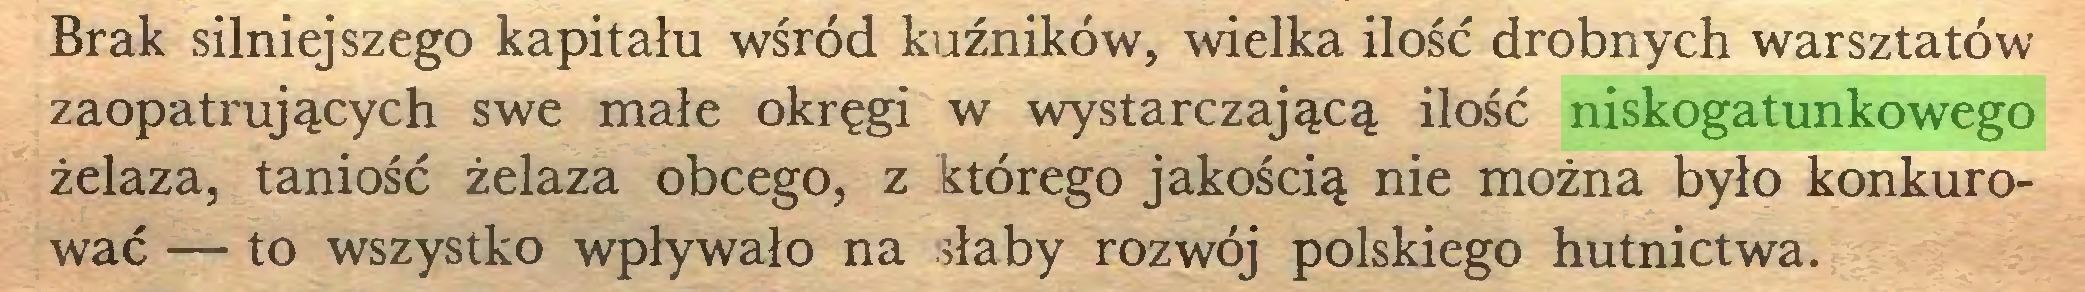 (...) Brak silniejszego kapitału wśród kuźników, wielka ilość drobnych warsztatów zaopatrujących swe małe okręgi w wystarczającą ilość niskogatunkowego żelaza, taniość żelaza obcego, z którego jakością nie można było konkurować — to wszystko wpływało na słaby rozwój polskiego hutnictwa...